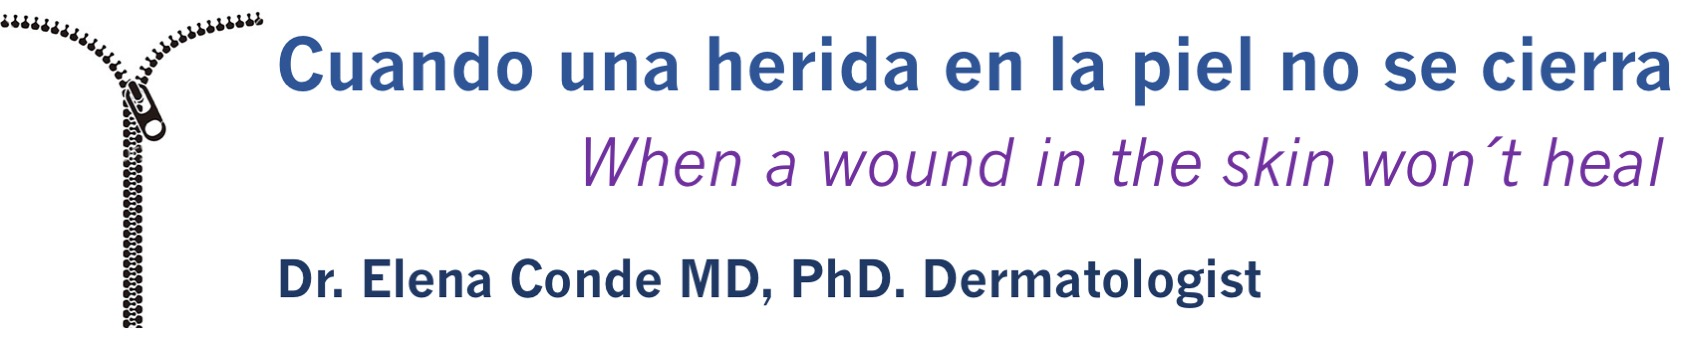 Cuando una herida en la piel no se cierra